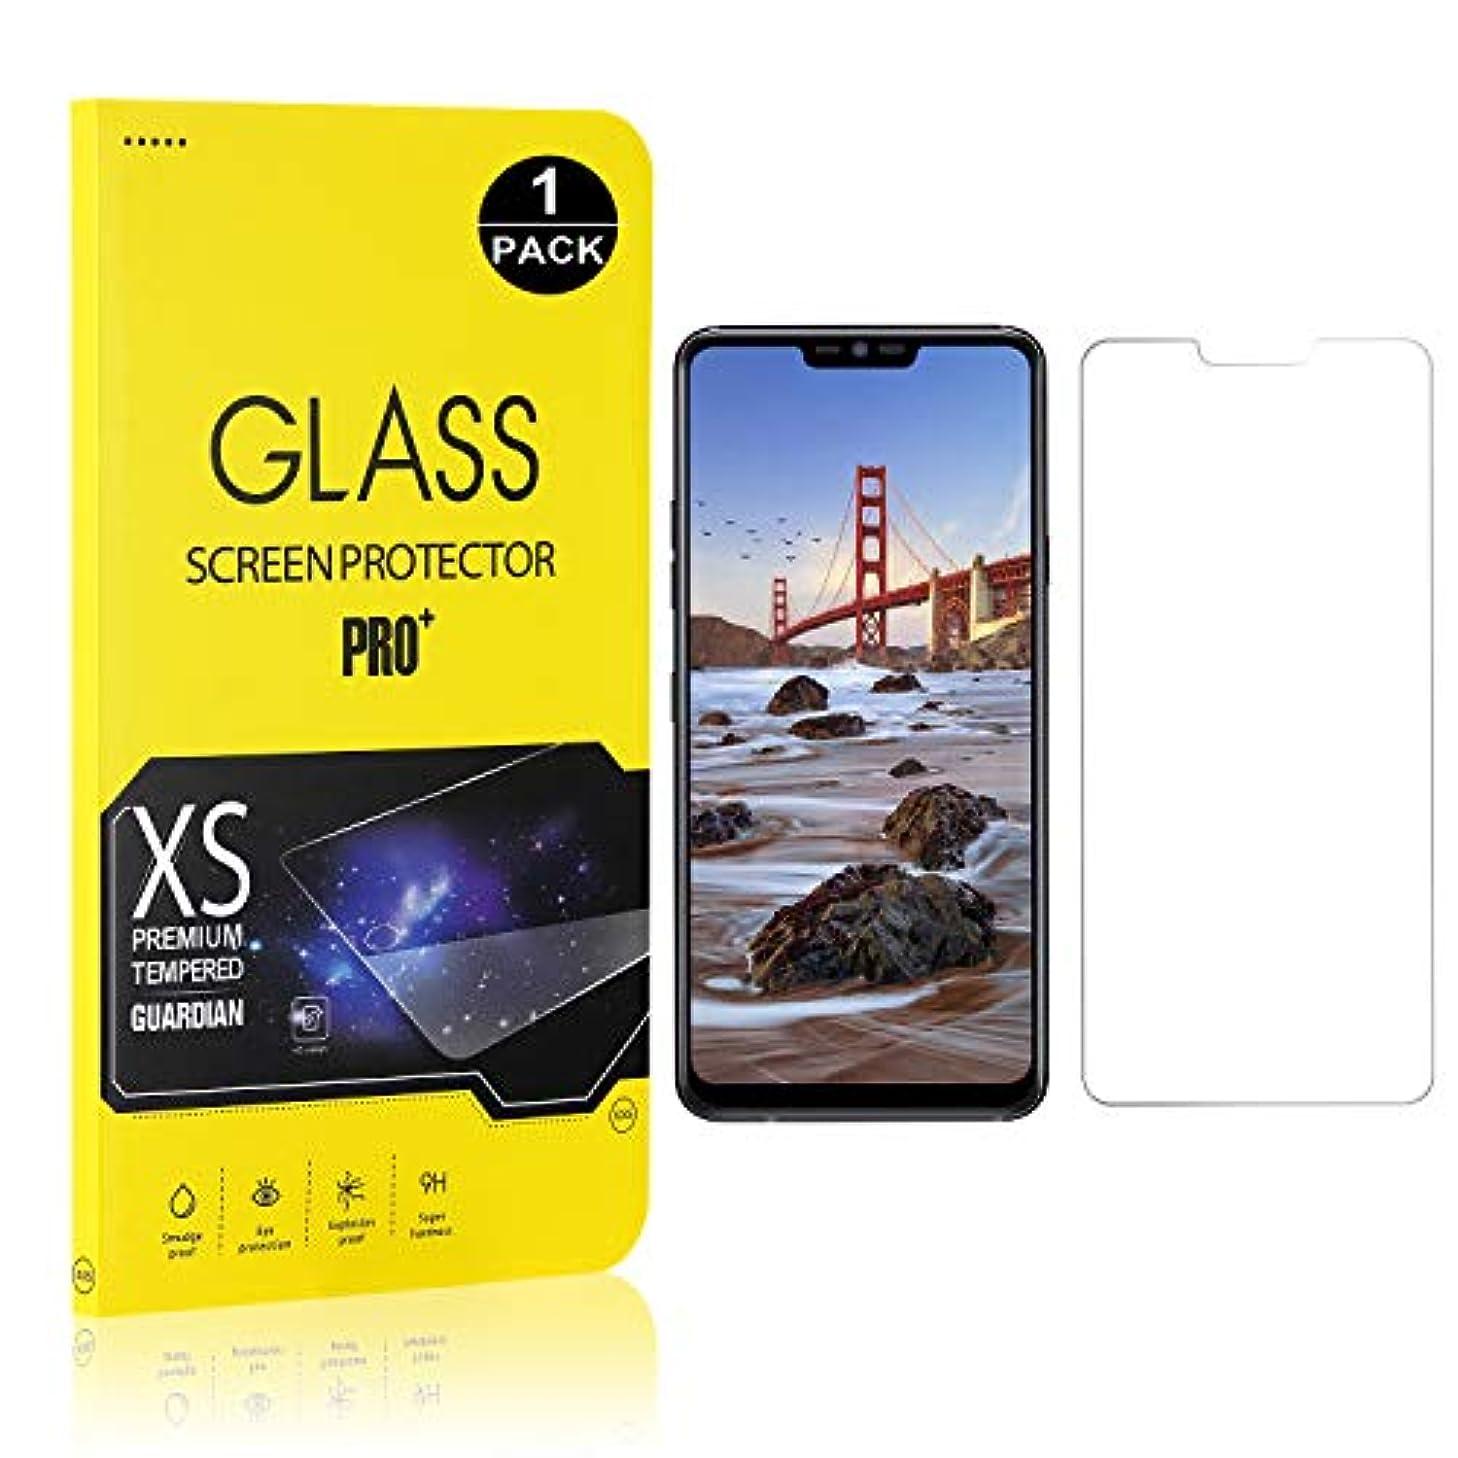 適応保証金リーダーシップZeebox® LG G7 ガラスフィルム 硬度9H 指紋防止 気泡なし, 液晶保護フィルム LG G7用, 1枚入